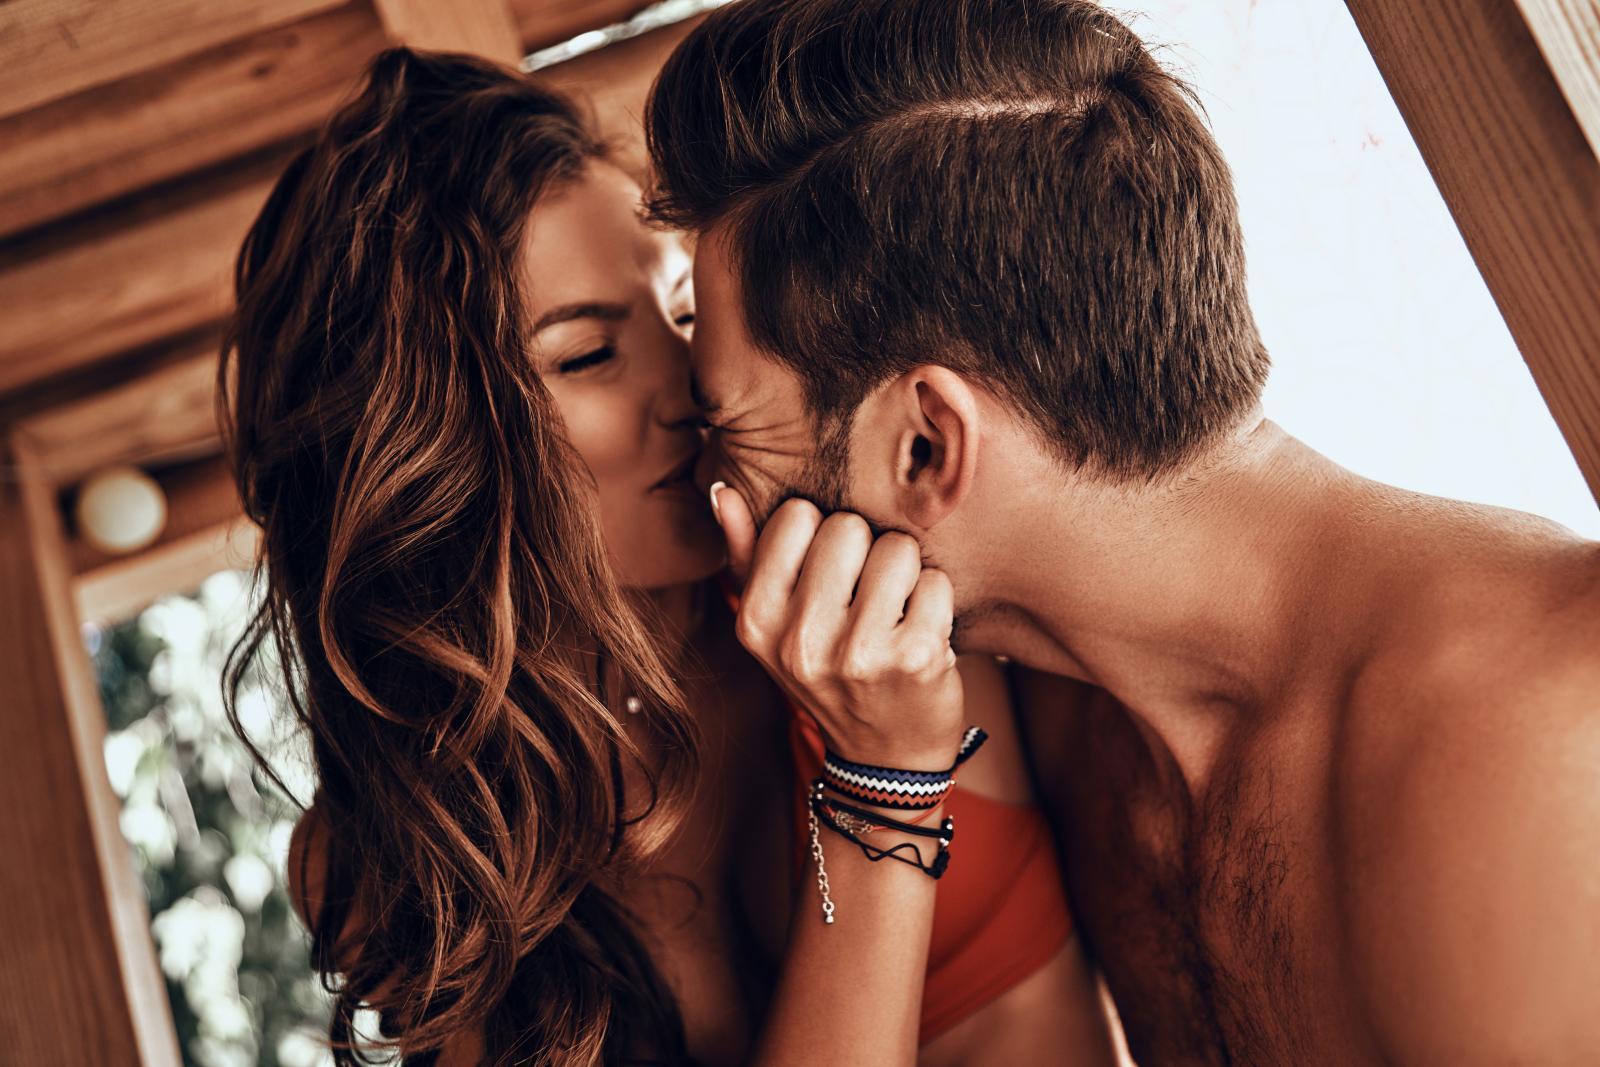 Osobe s većom emocionalnom inteligencijom uspostavljaju i održavaju intimne veze.